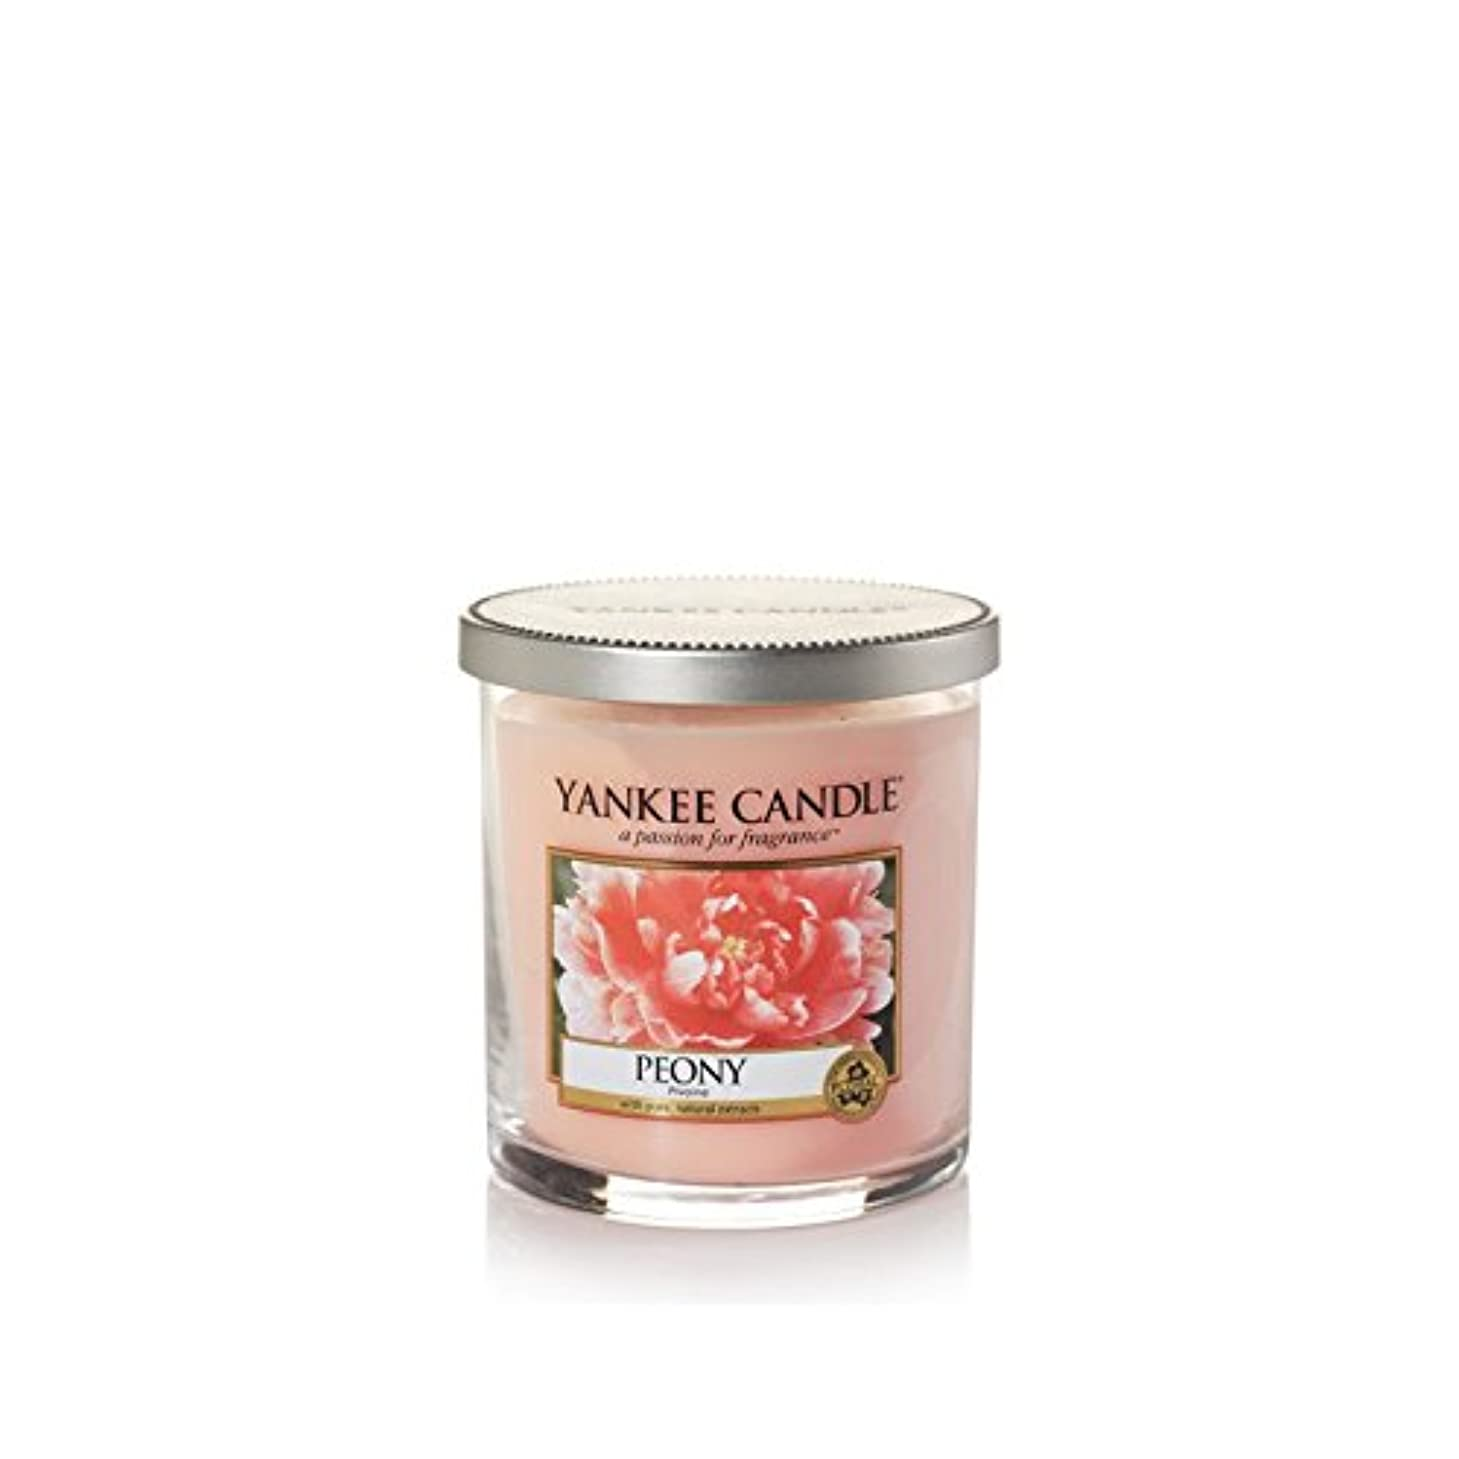 アルミニウム強大な剪断Yankee Candles Small Pillar Candle - Peony (Pack of 6) - ヤンキーキャンドルの小さな柱キャンドル - 牡丹 (x6) [並行輸入品]